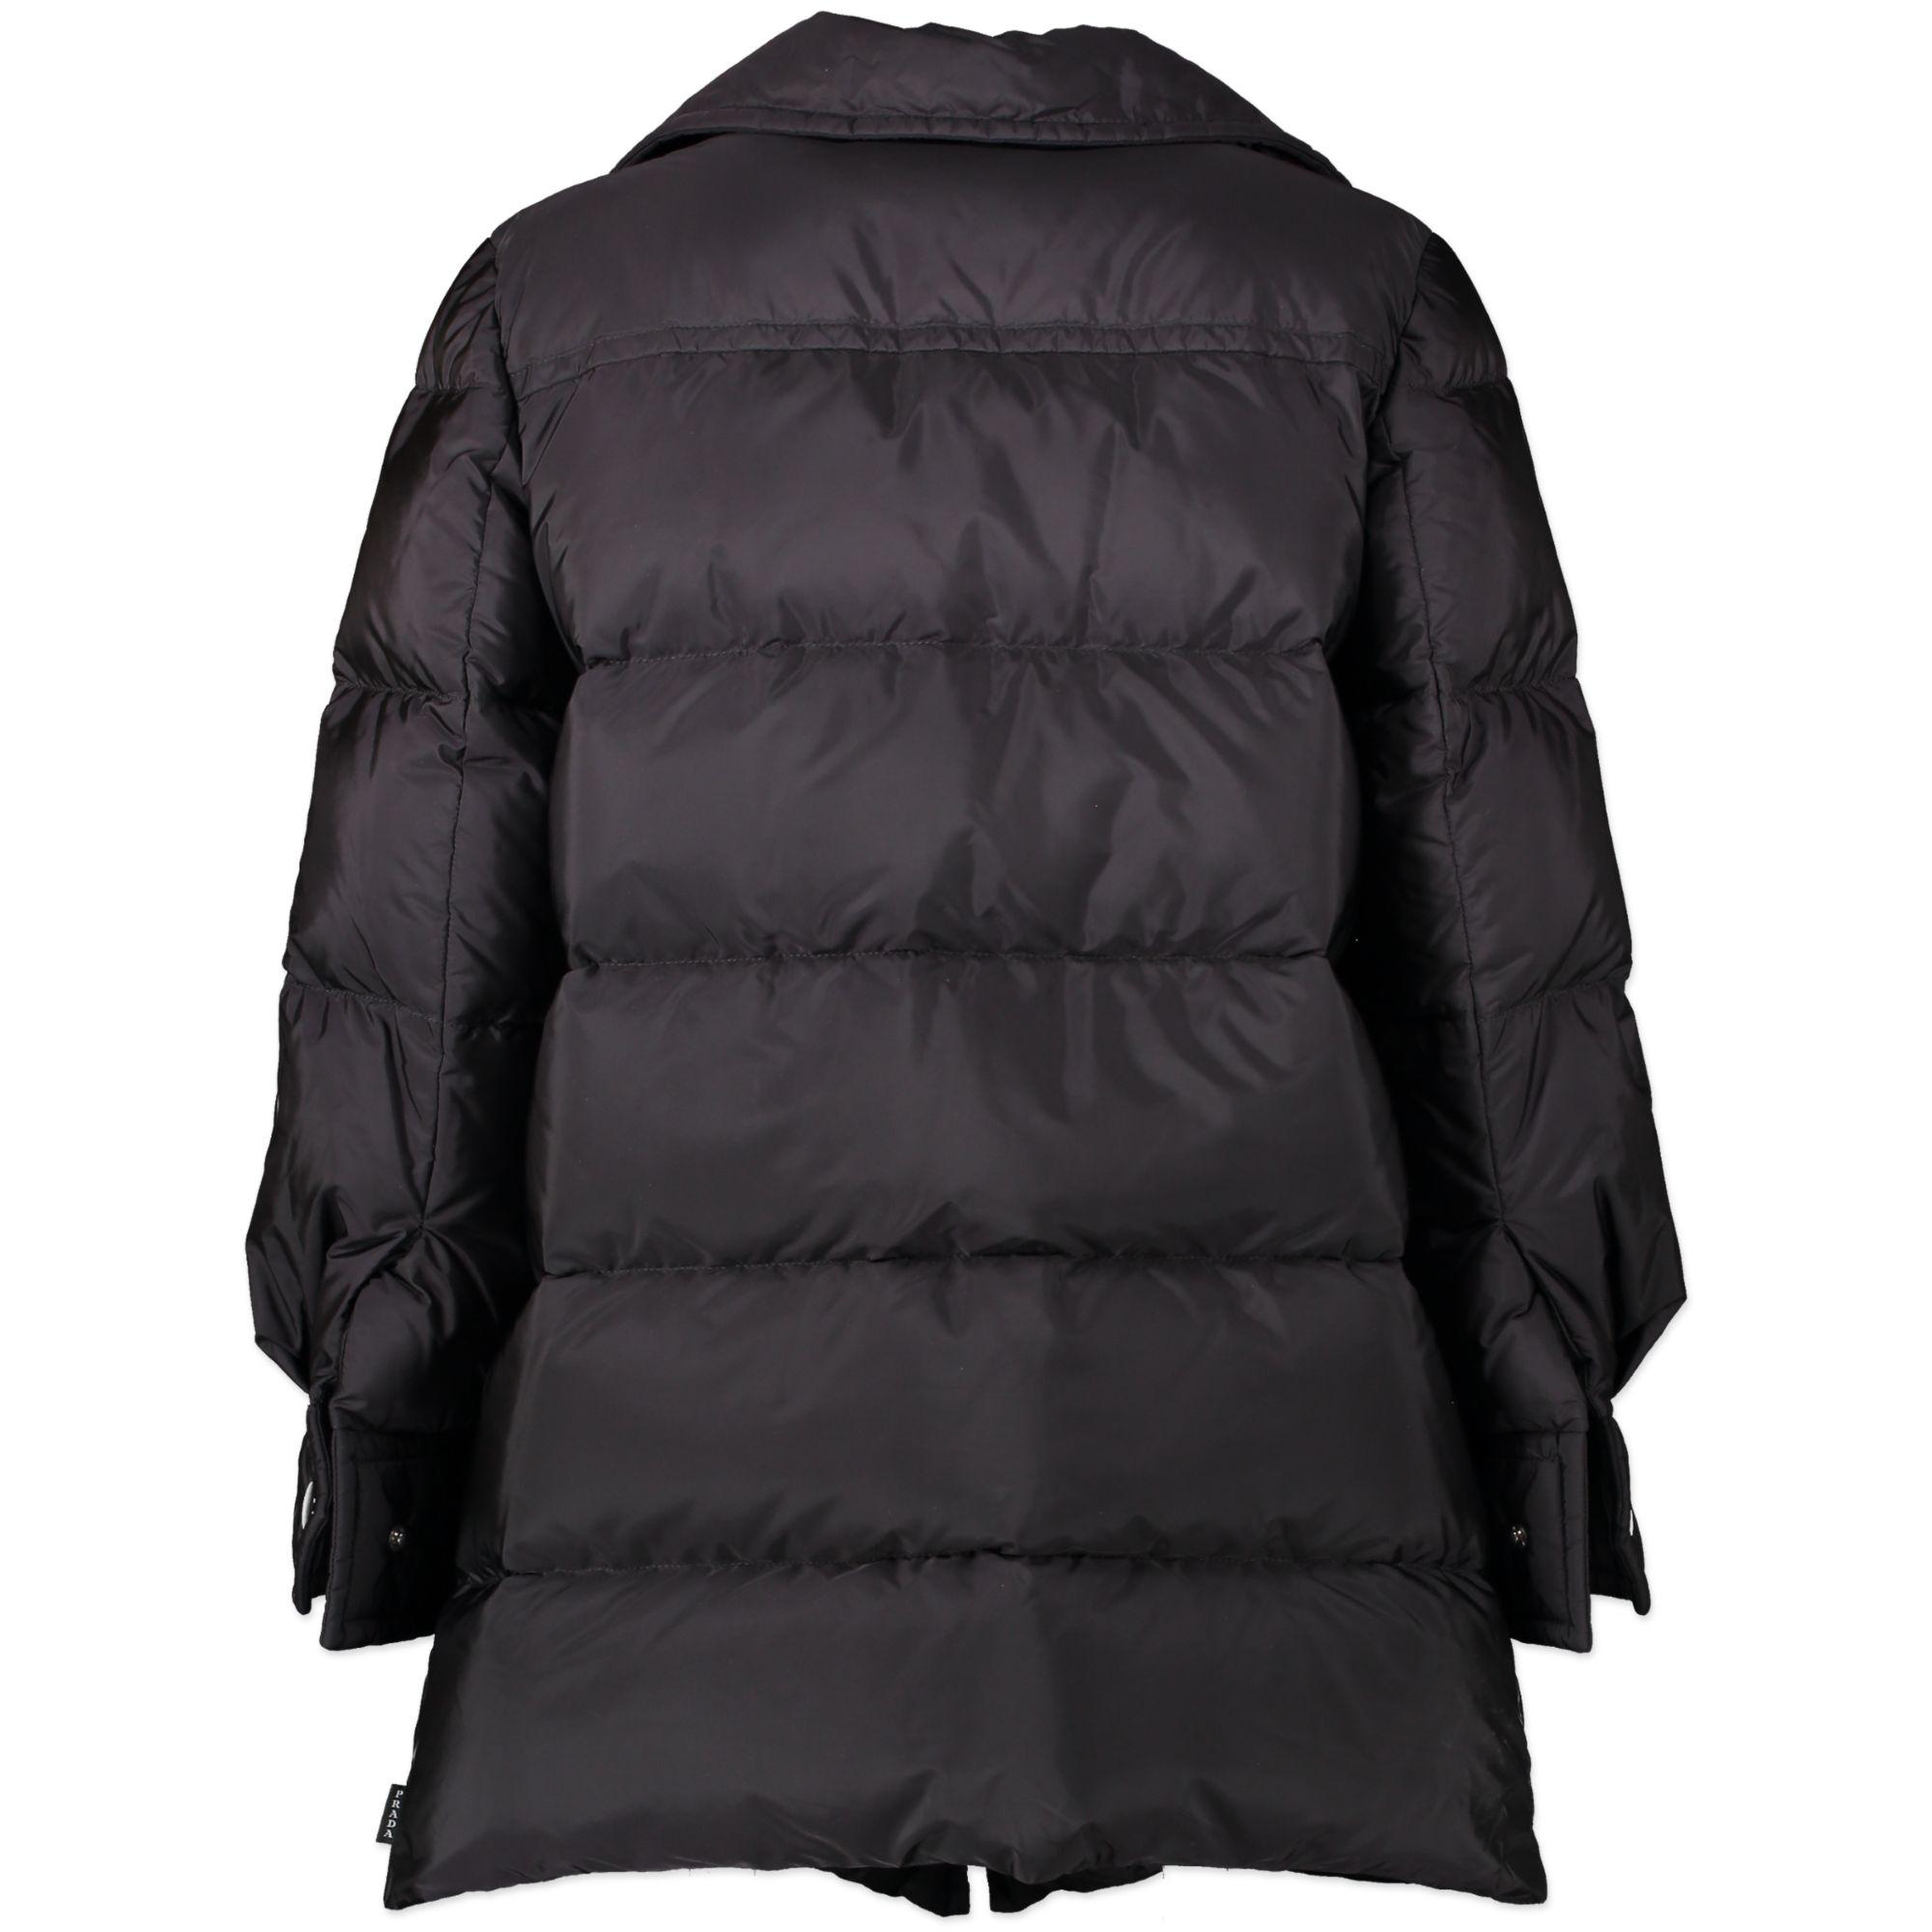 Prada Black Feather Nylon Puffer Mid Length Jacket aan de beste prijs te koop bij Labellov tweedehands luxe in Antwerpen